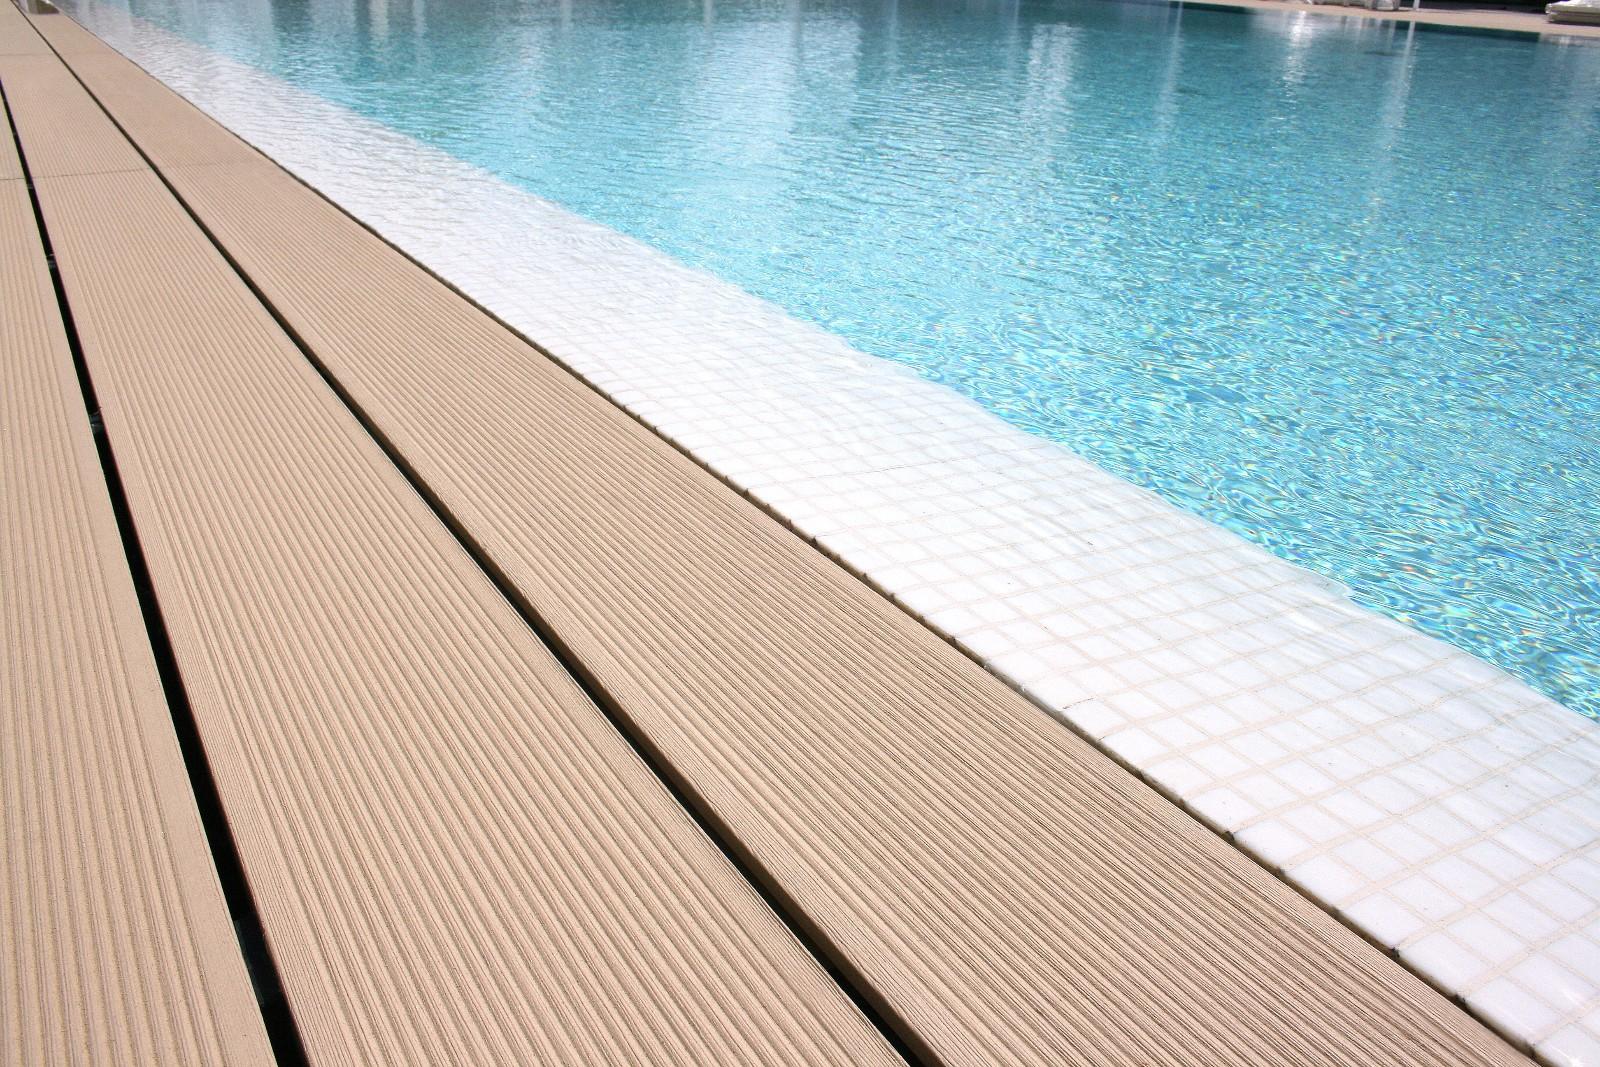 Piscine Da Esterno Rivestite In Legno pavimenti per esterno in wpc - piscina & giardino shop